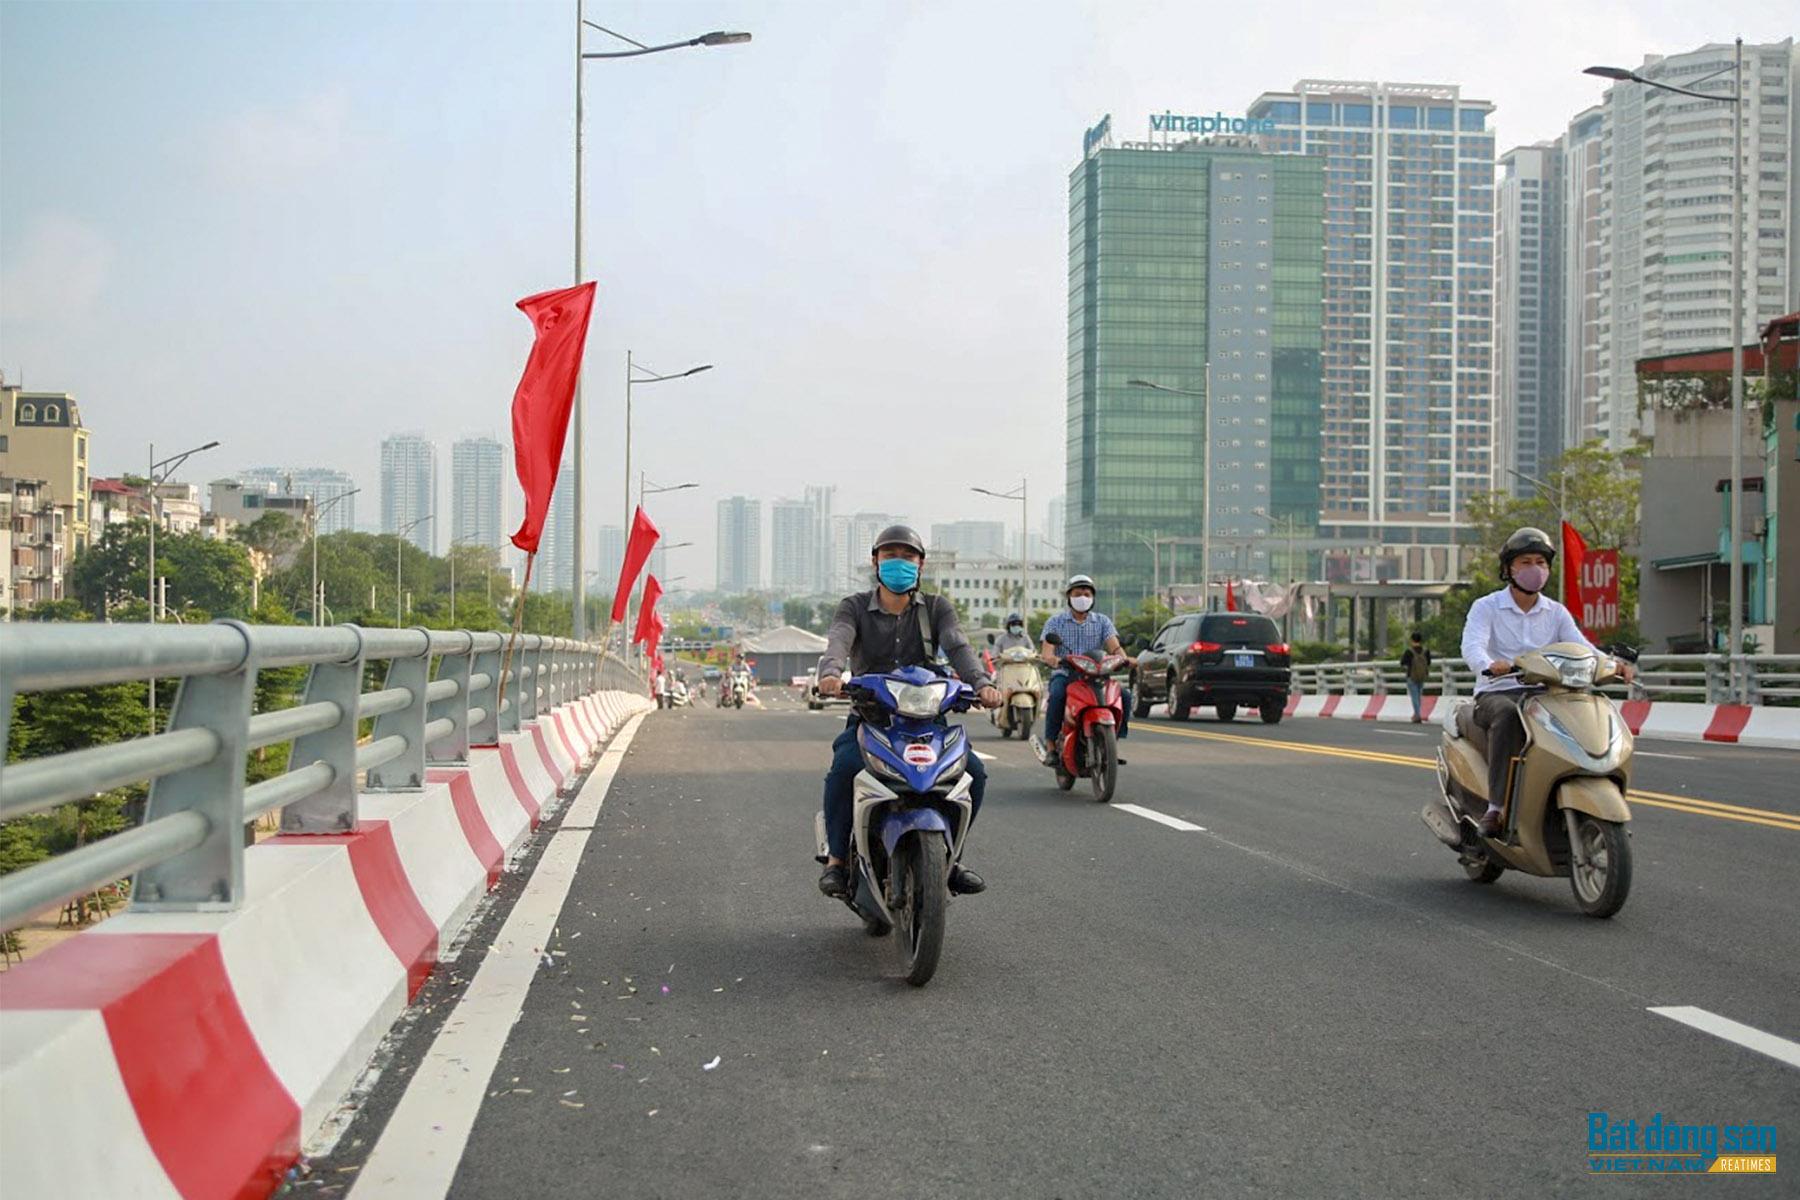 Reatimes_9.png, thông cầu vượt Nguyễn Văn Huyên.